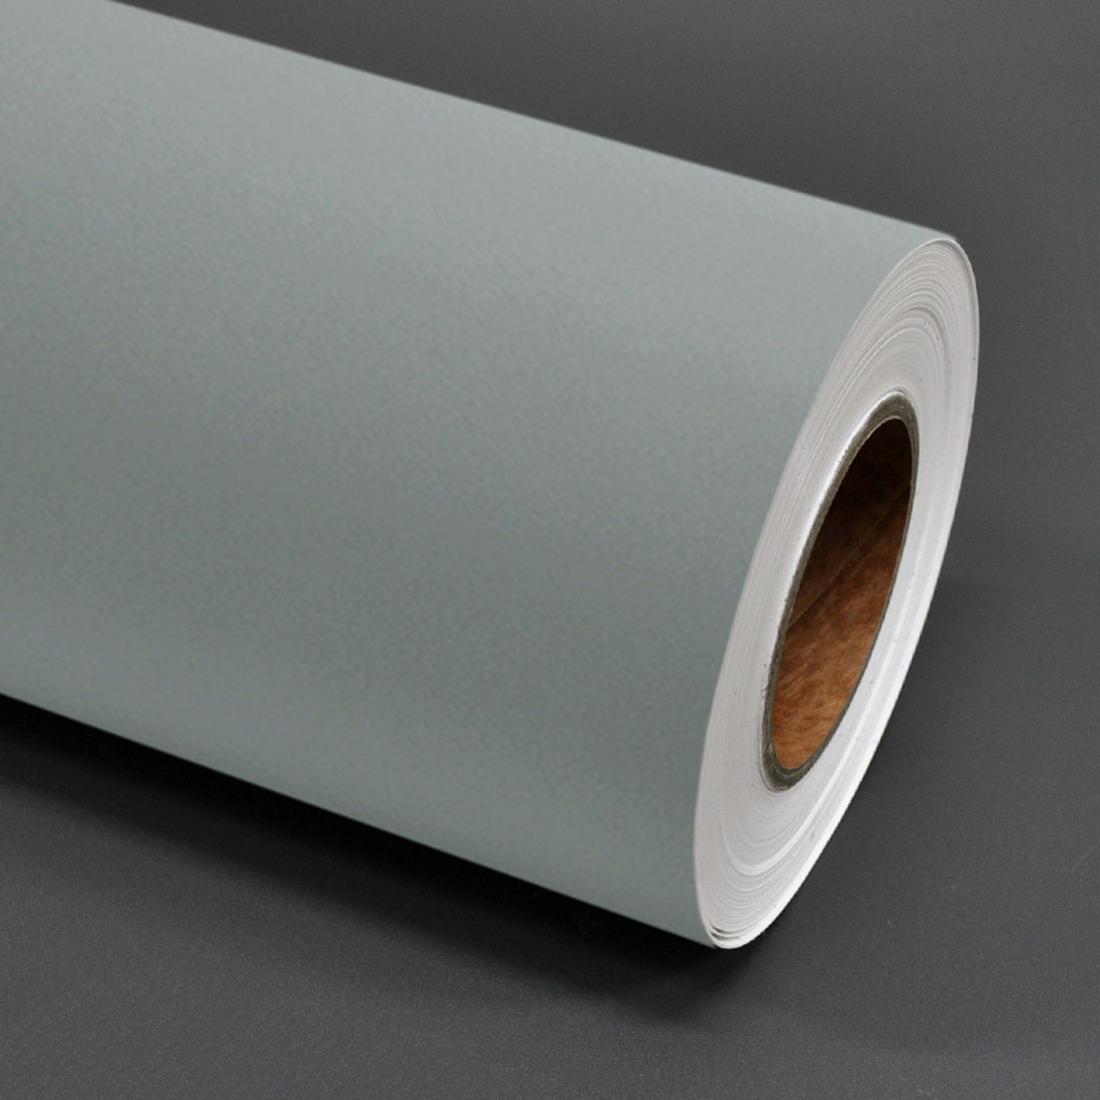 데코리아 현대인테리어필름 에어프리 생활방수 접착식 단색컬러시트지필름, SL584 테르베르테 그린그레이